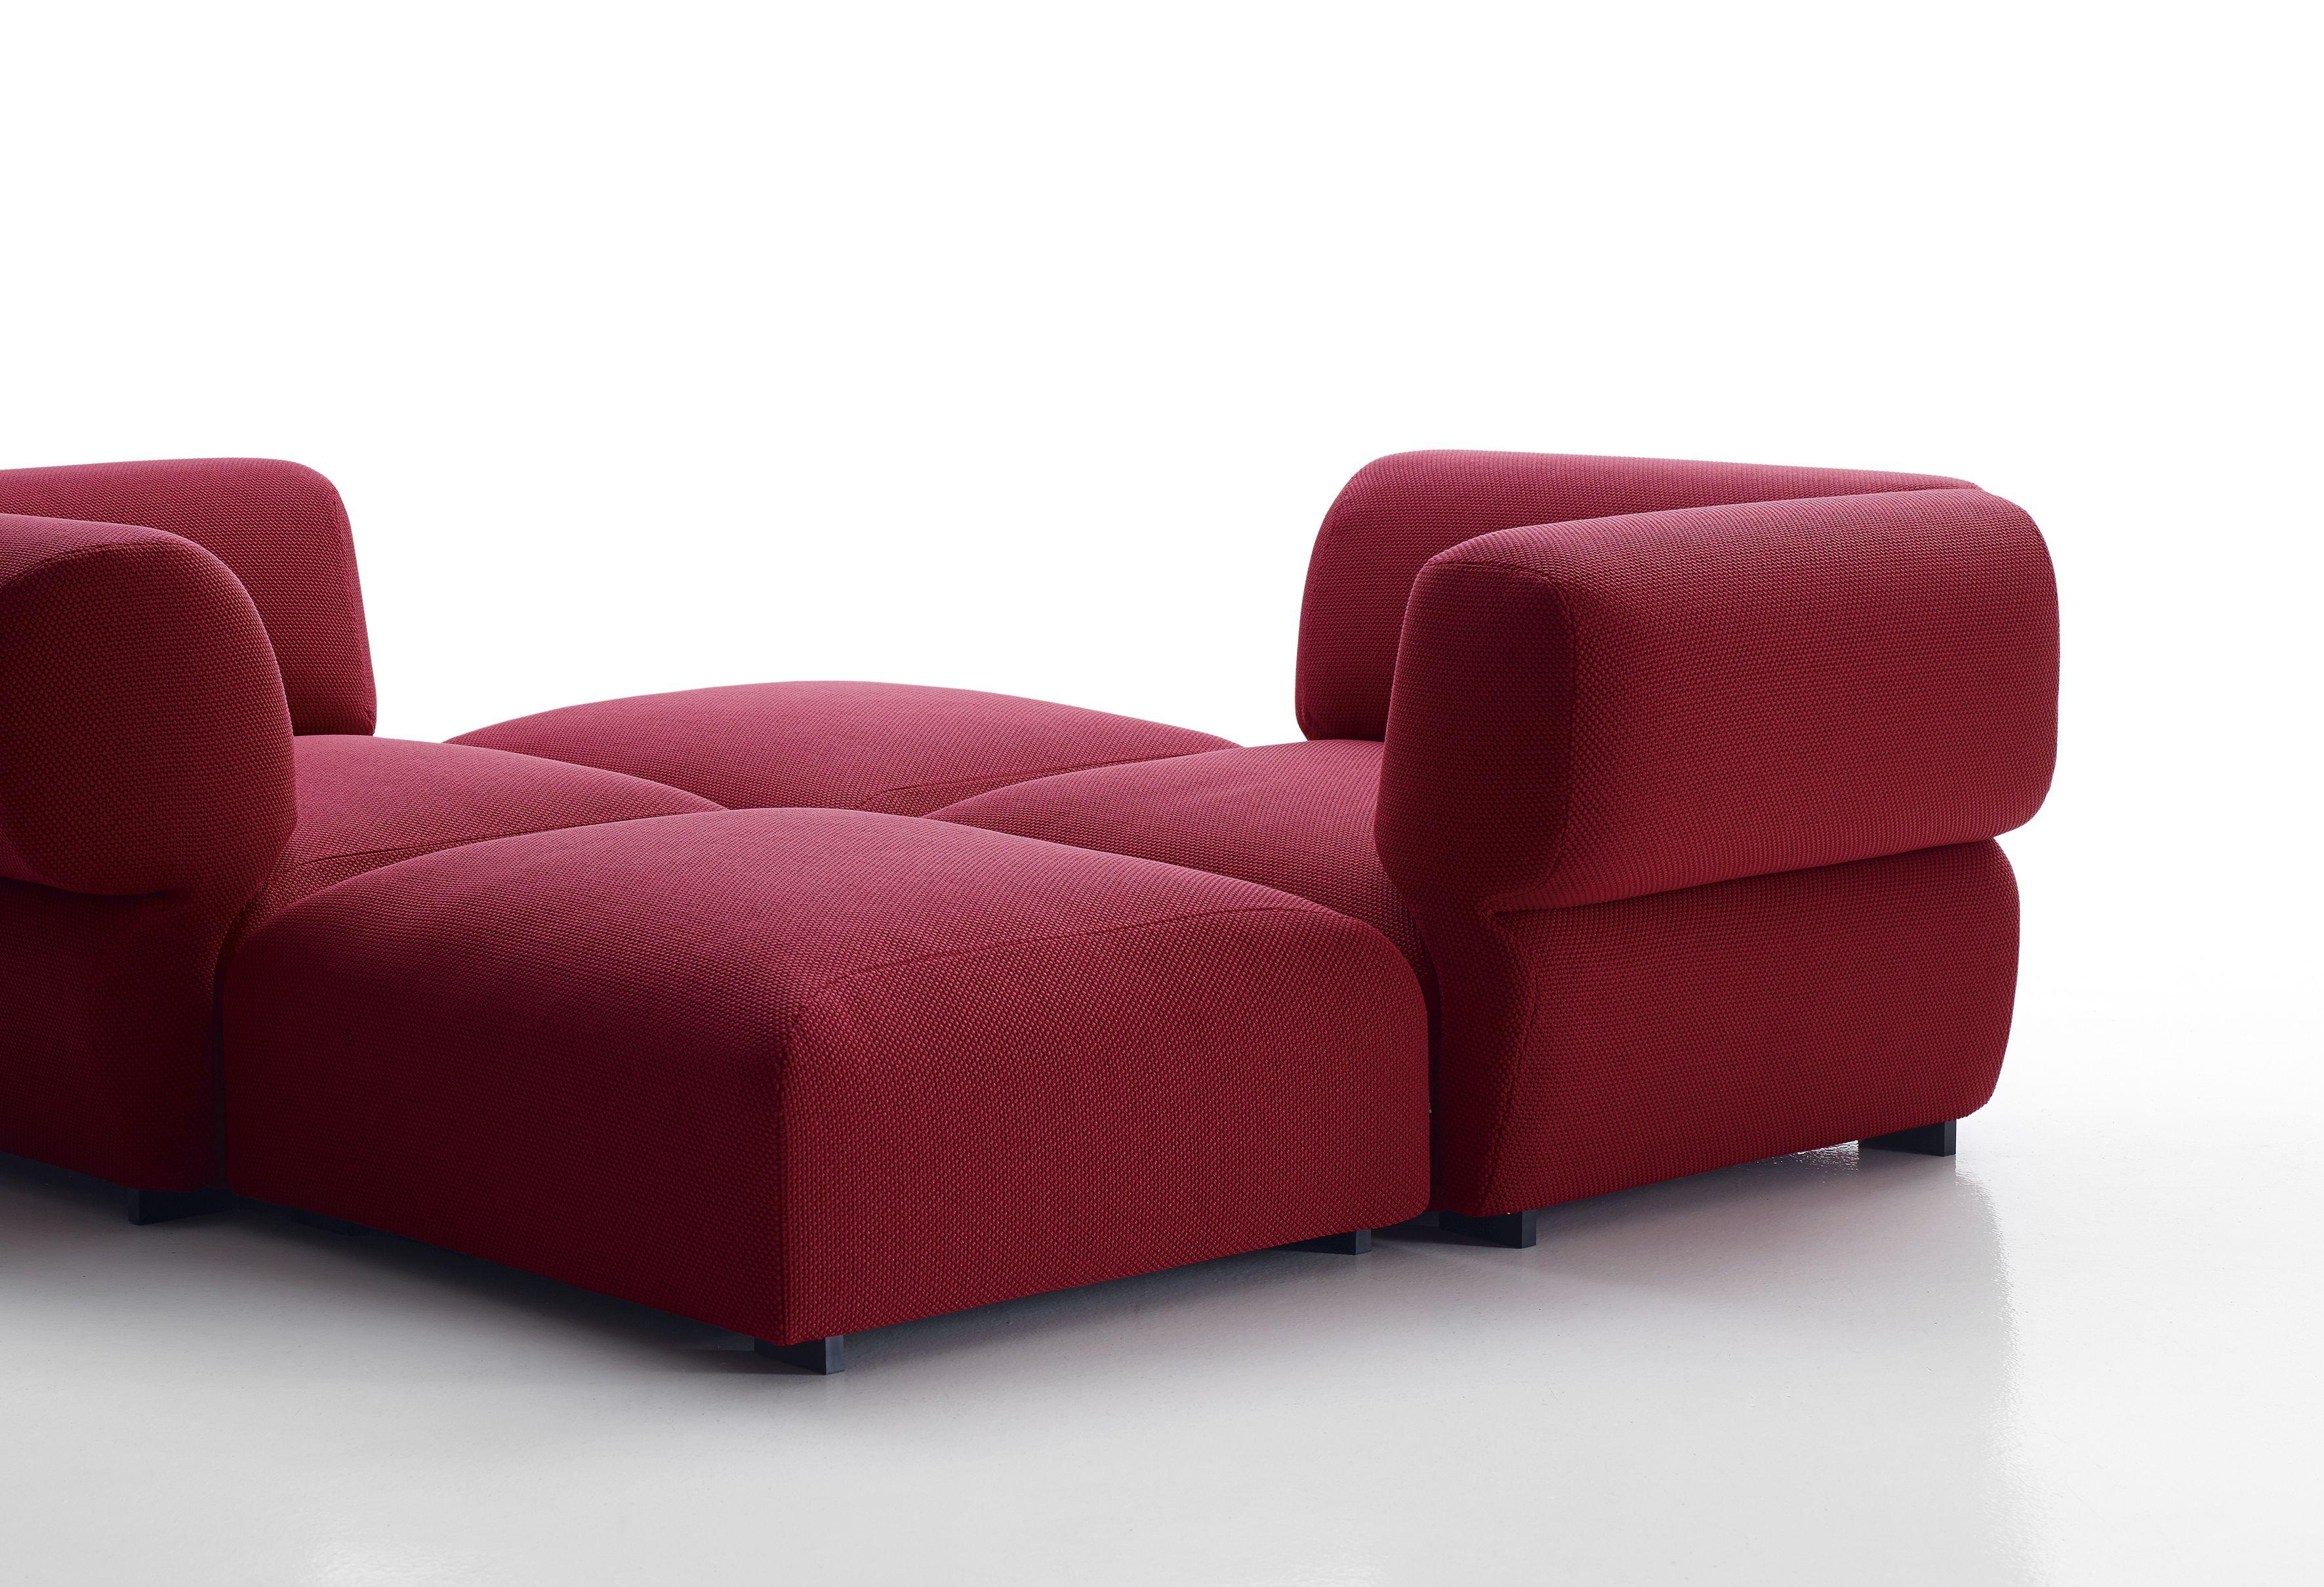 Softline Sofa Ohio ein flexibles und hochwertiges Sofa